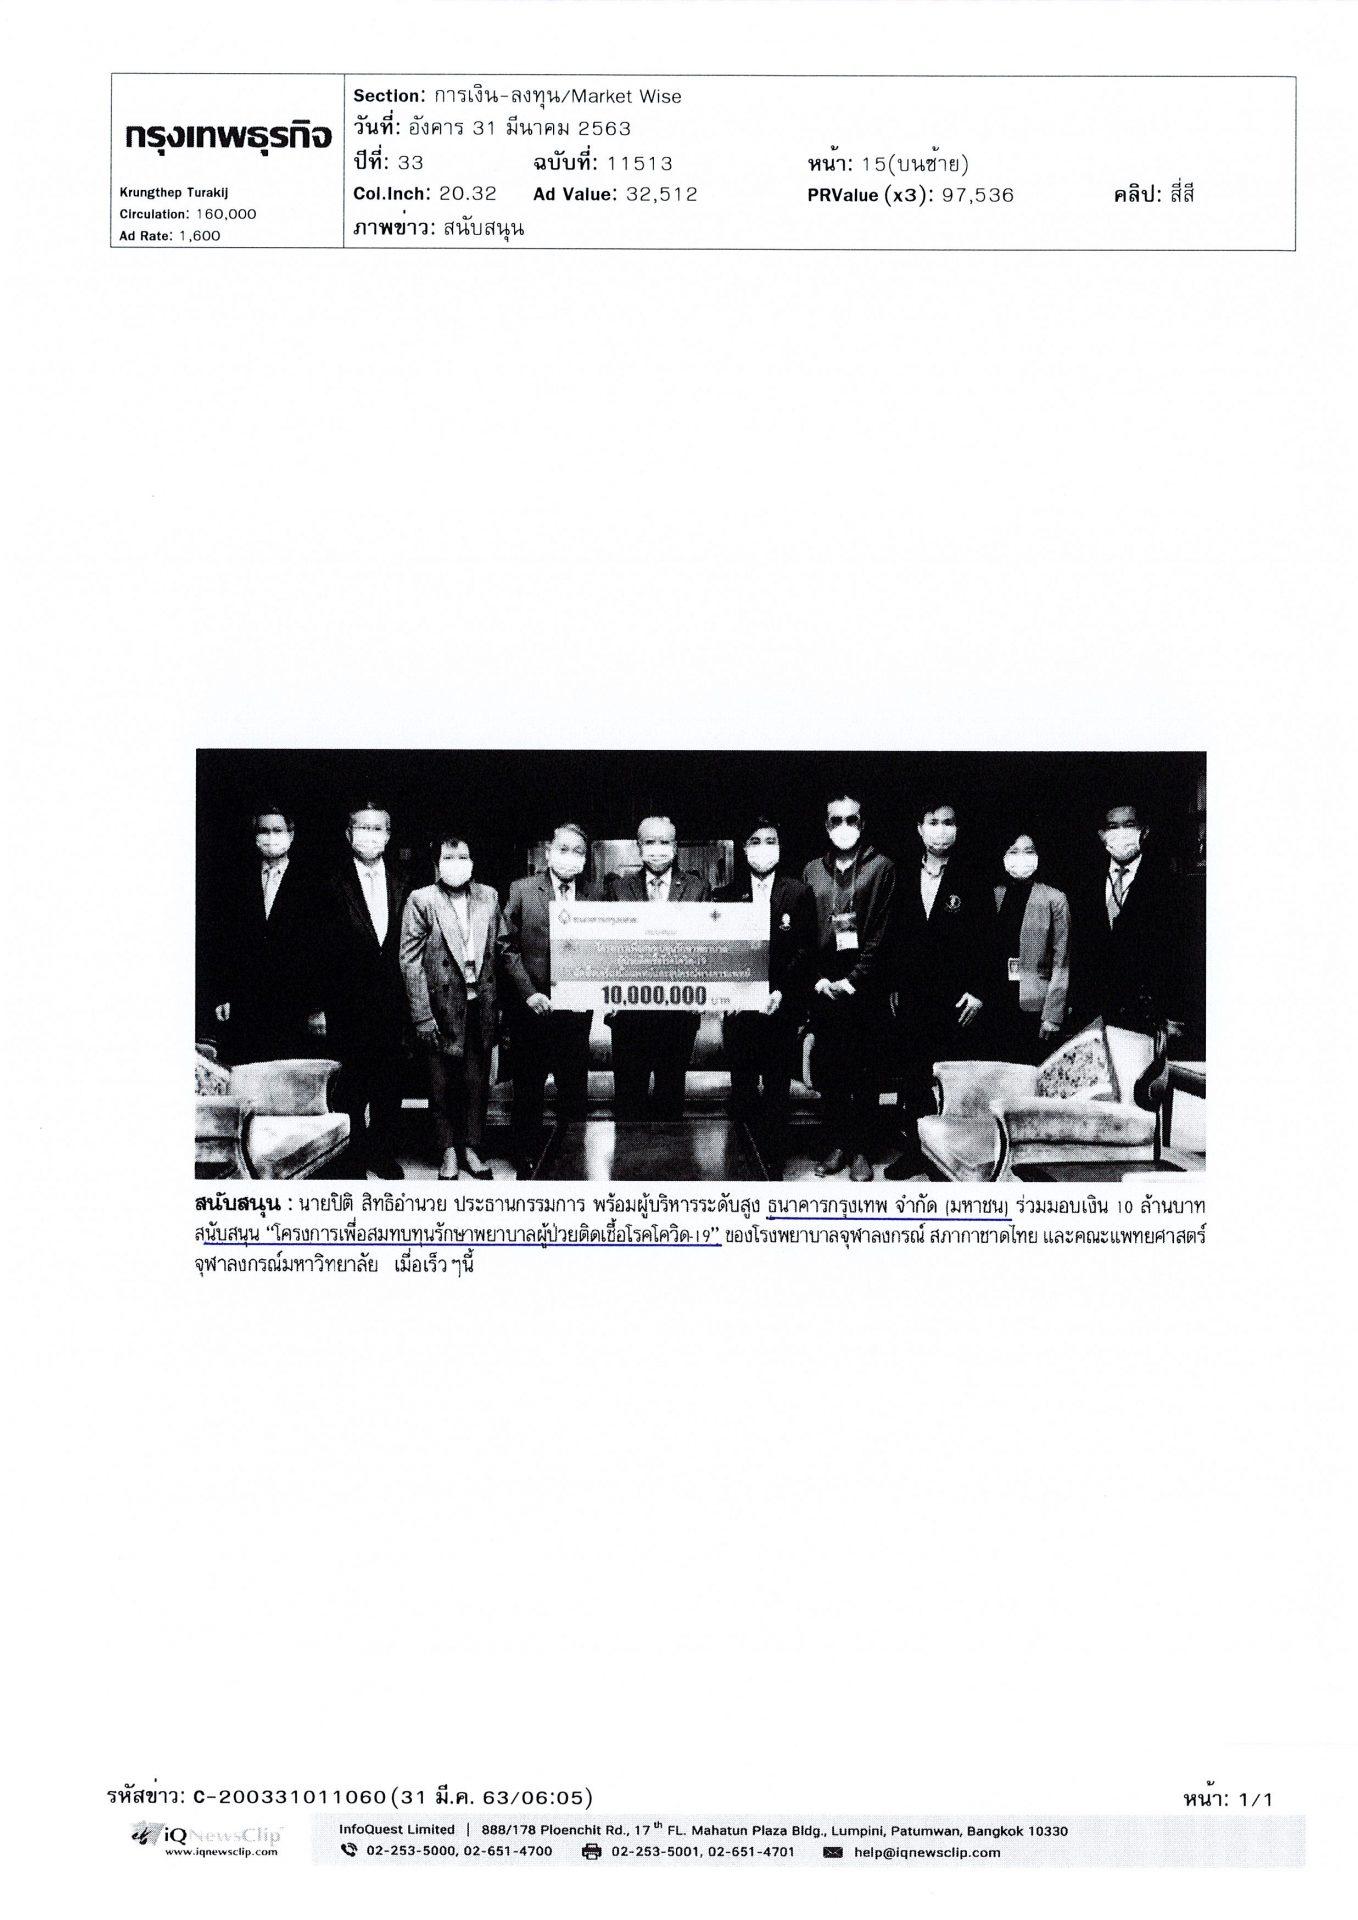 ศ.นพ.สุทธิพงศ์ วัชรสินธุ รับมอบเงินบริจาค จาก ธนาคารกรุงเทพ